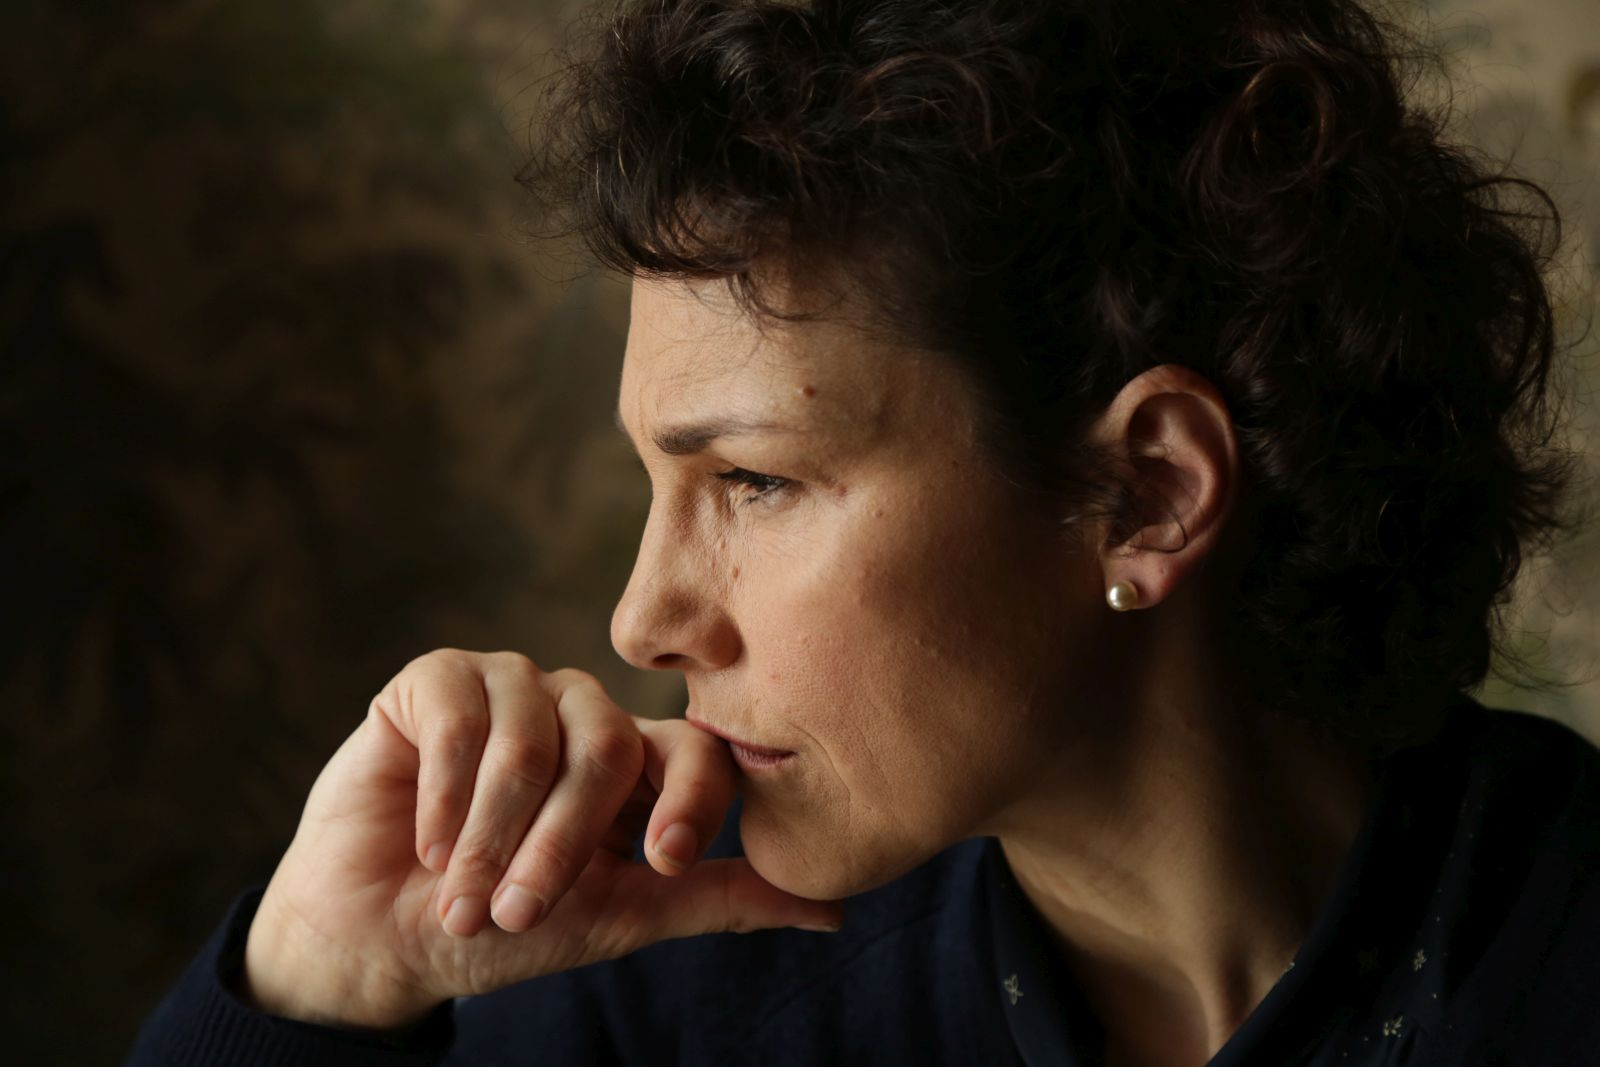 Pecore in erba: un intensa inquadratura ravvicinata dedicata a Anna Ferruzzo